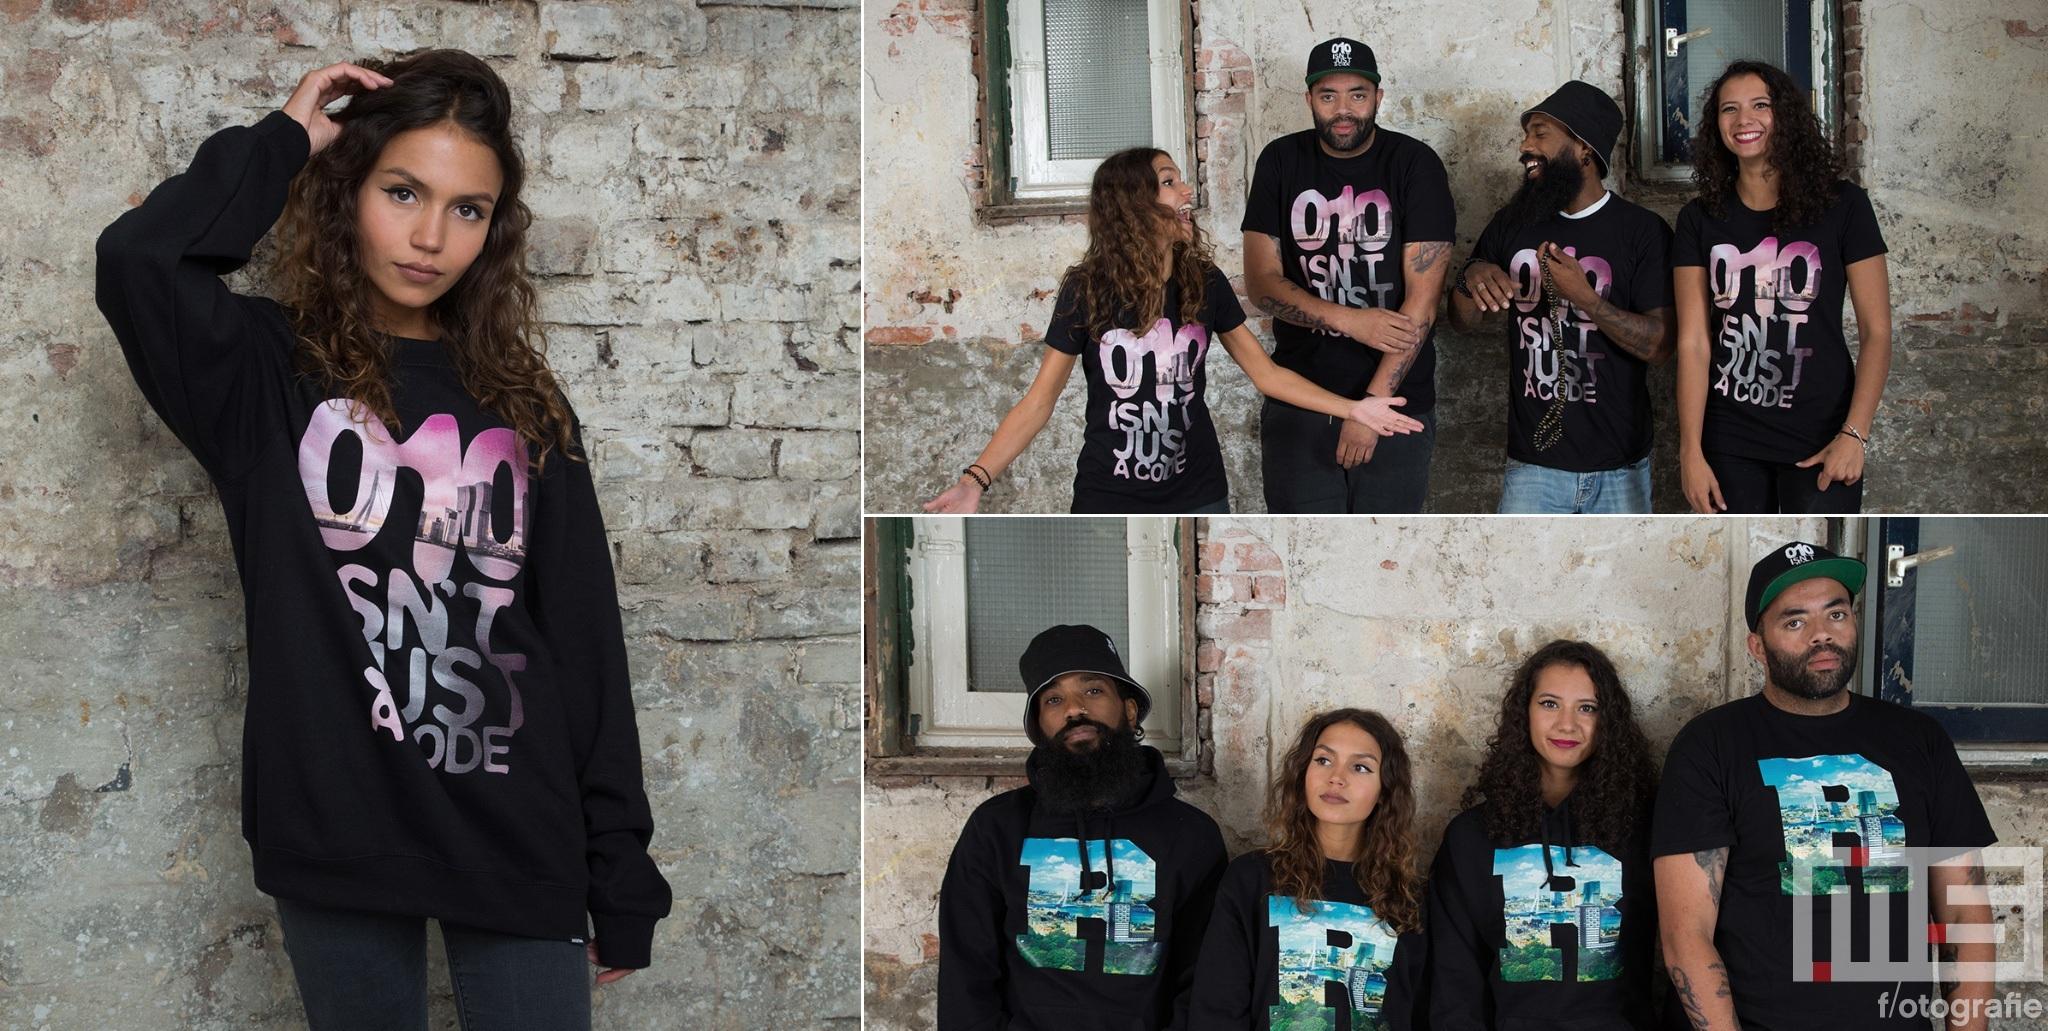 De 010 isn't Just a Code samenwerking van Nultien Kleding uit Rotterdam met MS Fotografie